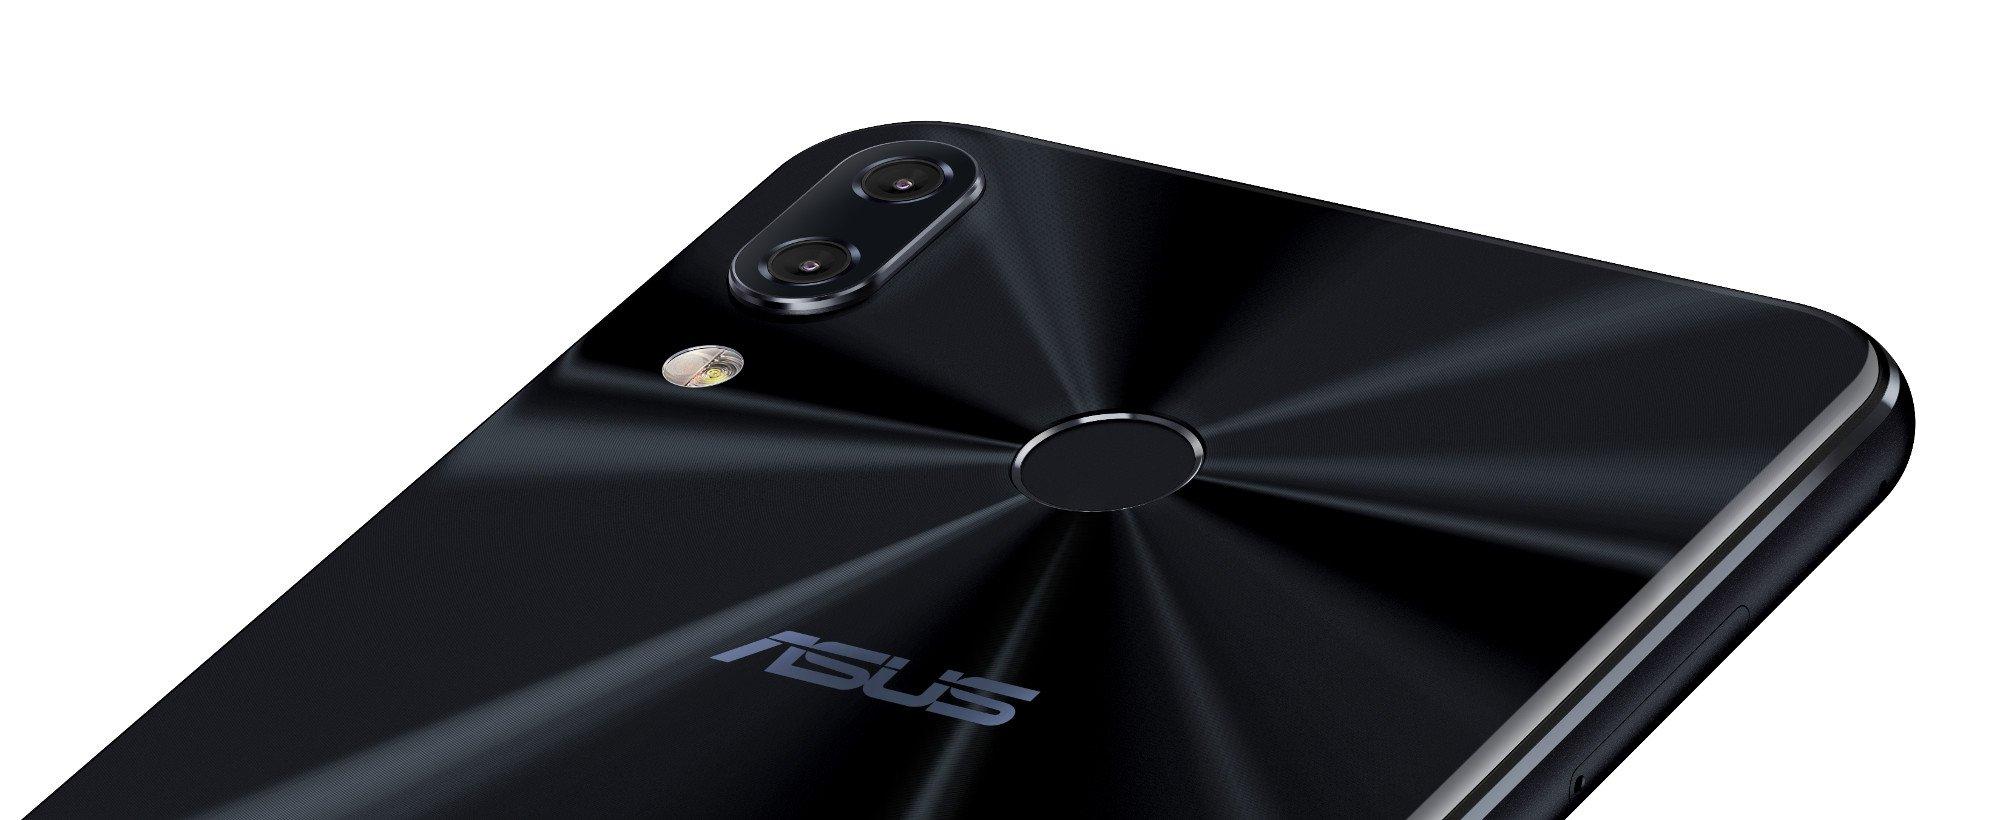 Das Asus ZenFone 5Z verfügt wie das iPhone X über einen Kamerabuckel (Bild: Asus)